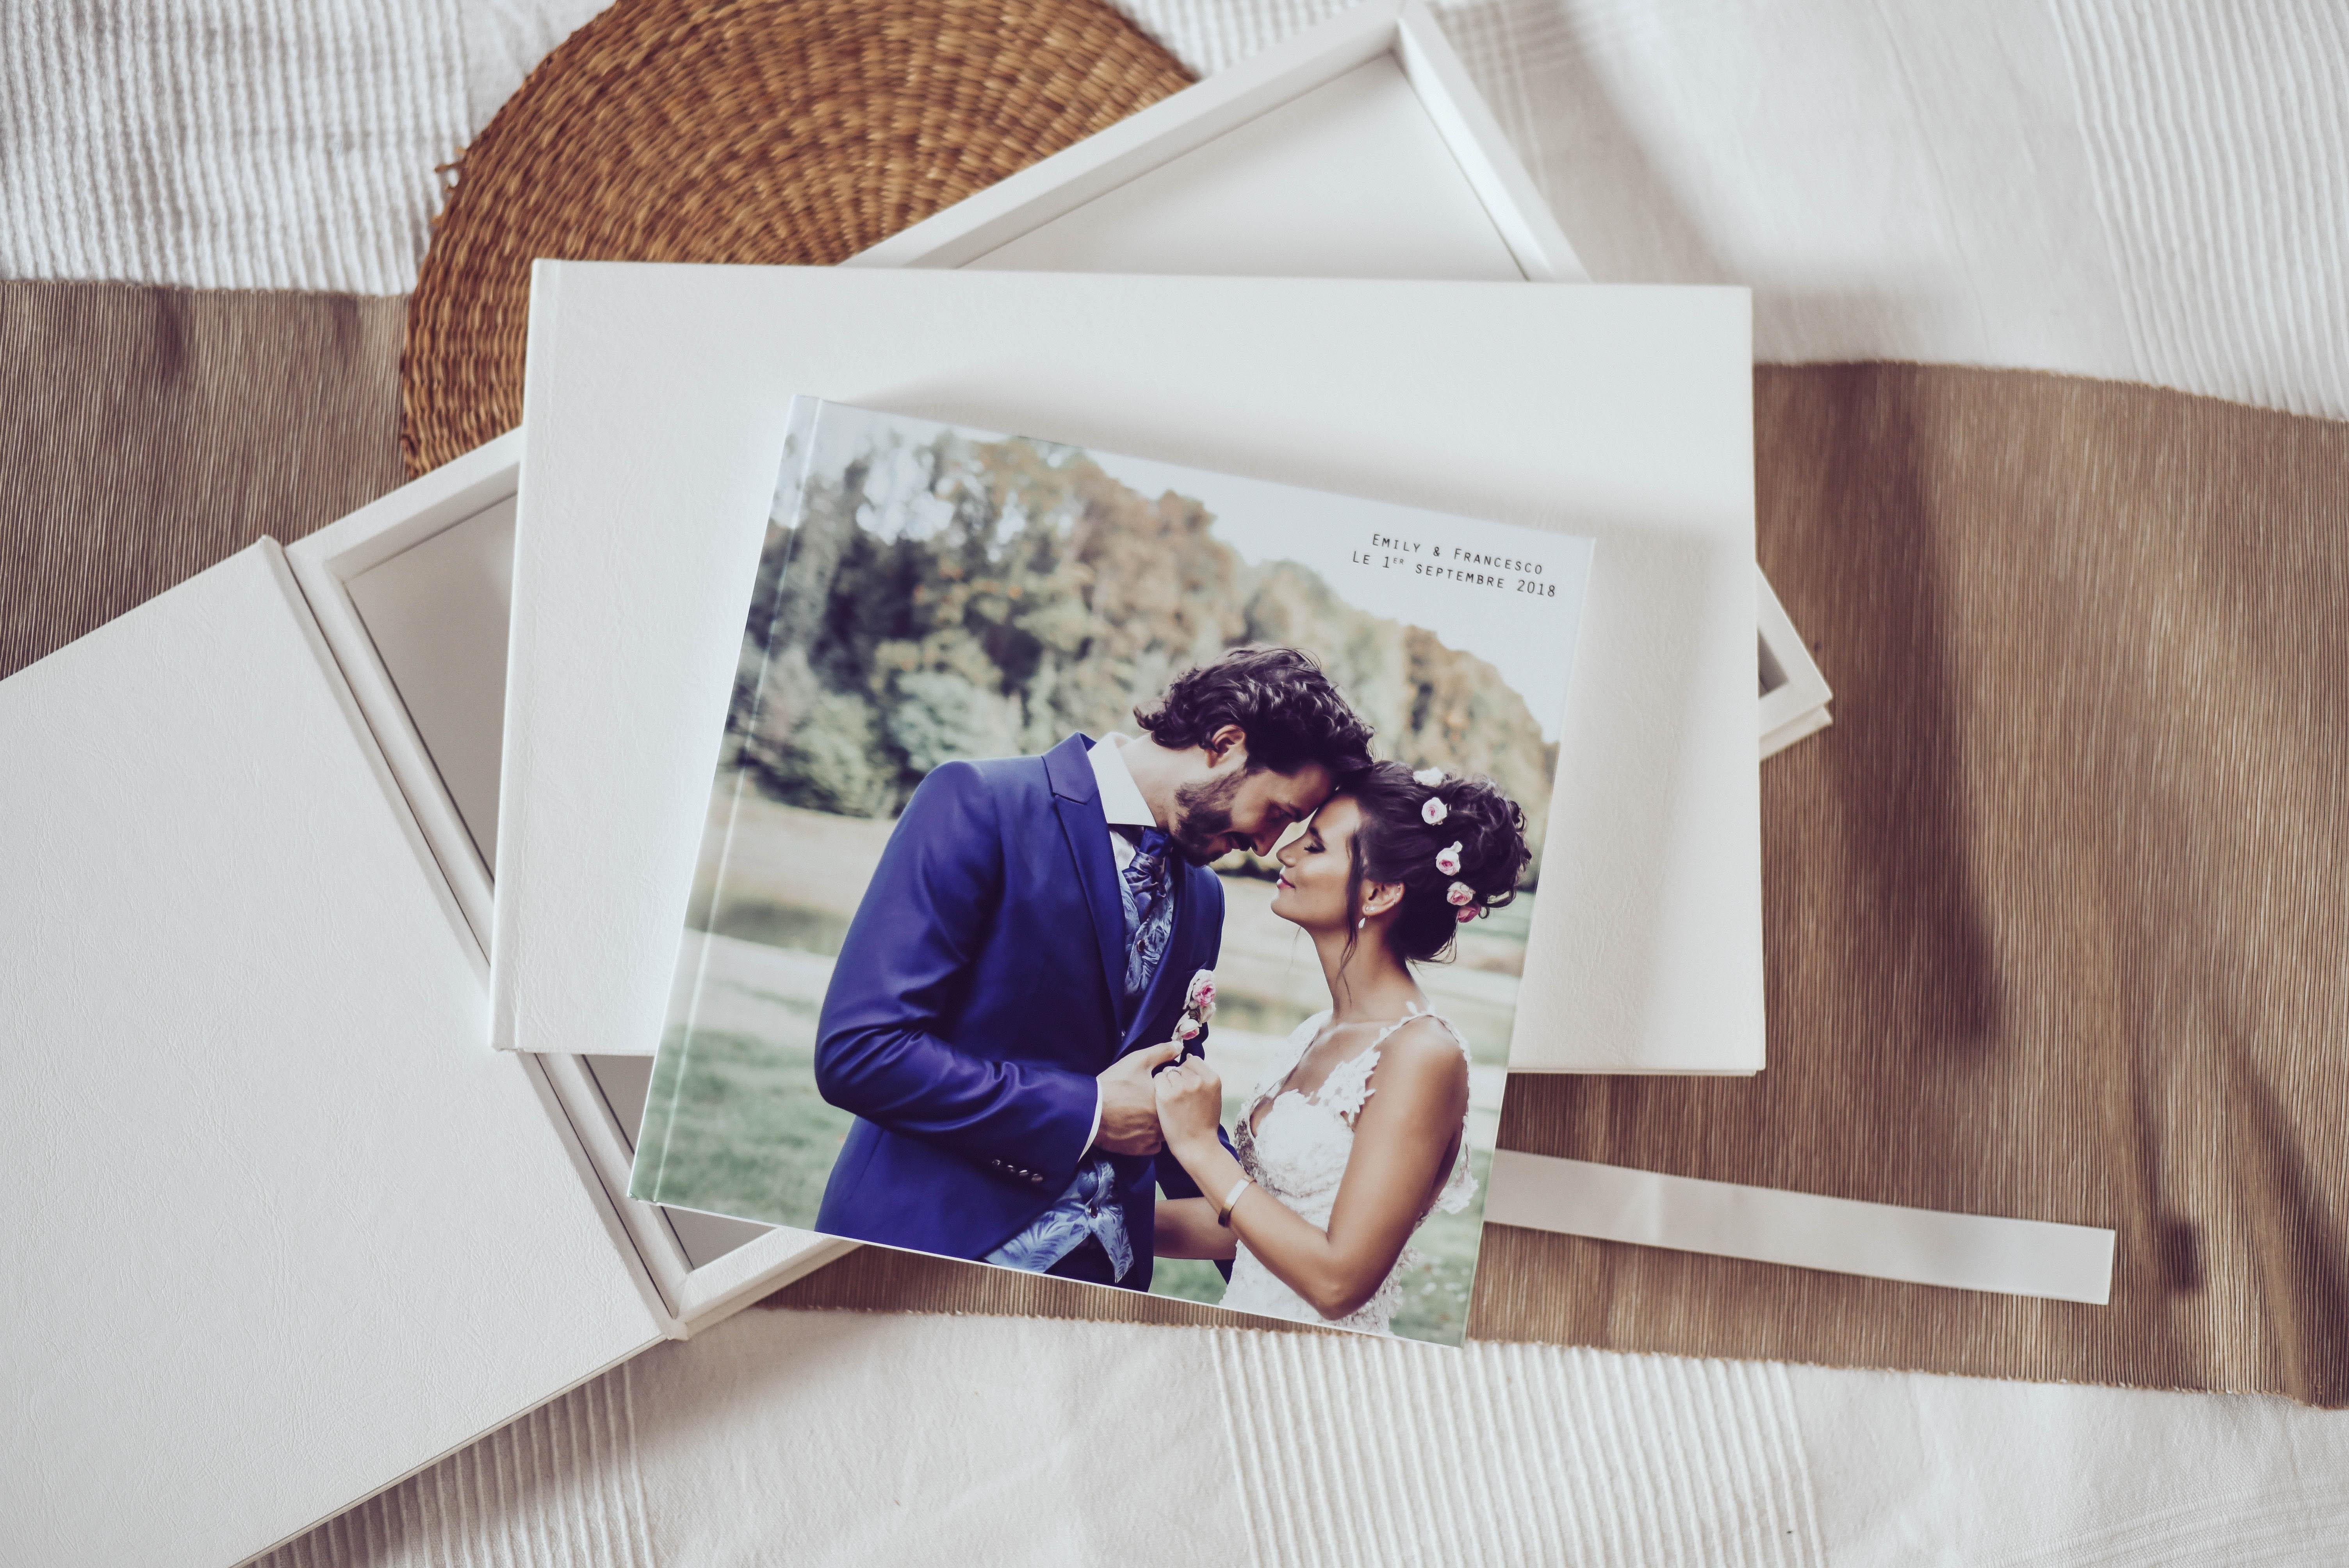 Mariage d'Emily et Francesco